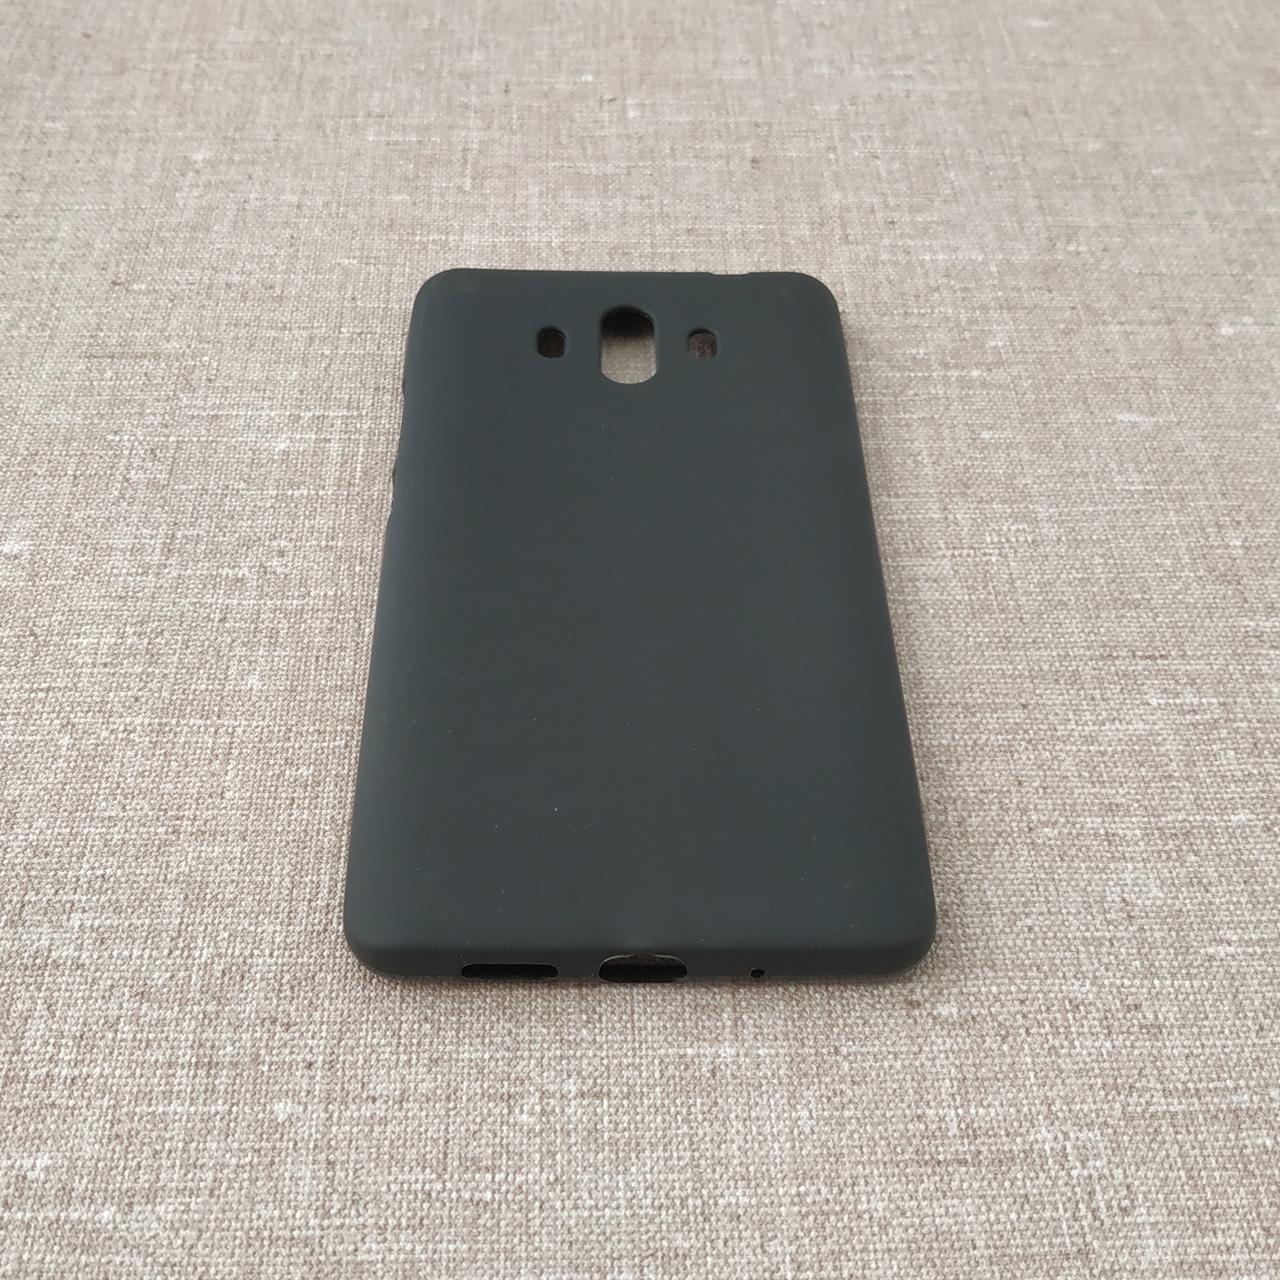 Чехлы для Huawei TPU Mate 10 black Для телефона Черный